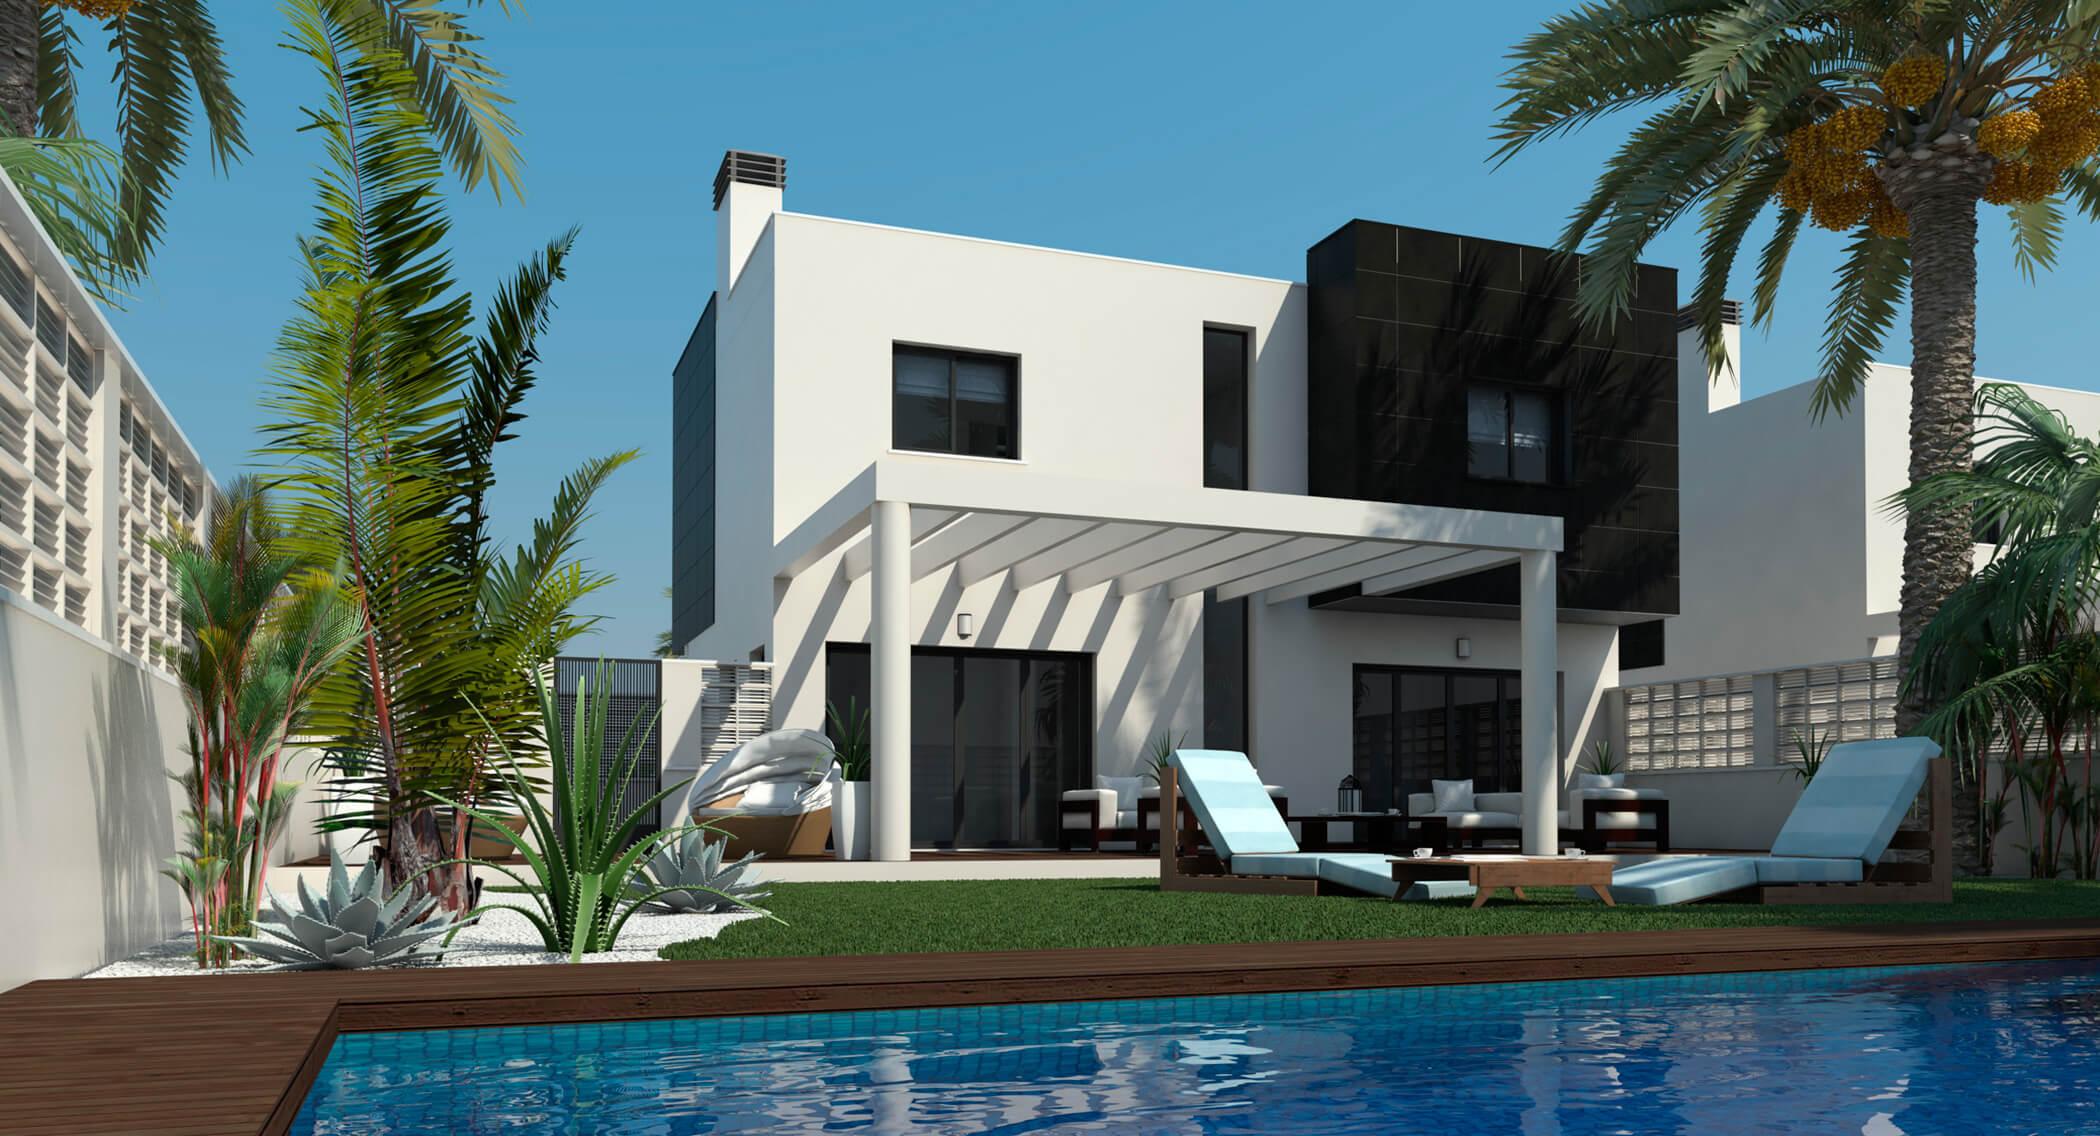 Inmobiliaria el puerto pisos ticos y duplex en almer a for Casa ciudad jardin almeria